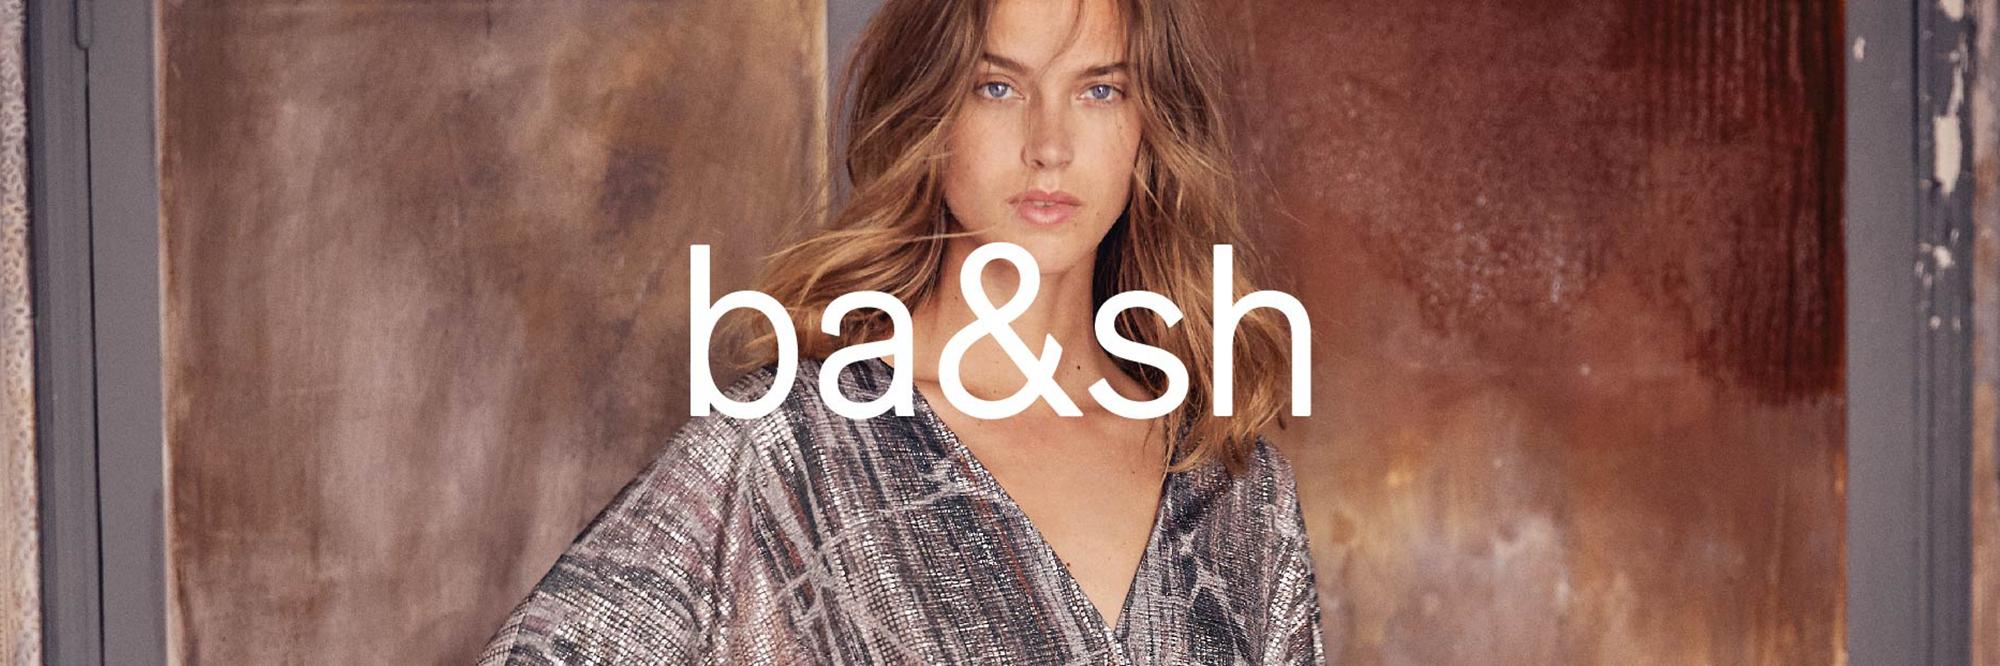 BA&SH澳门威尼斯人